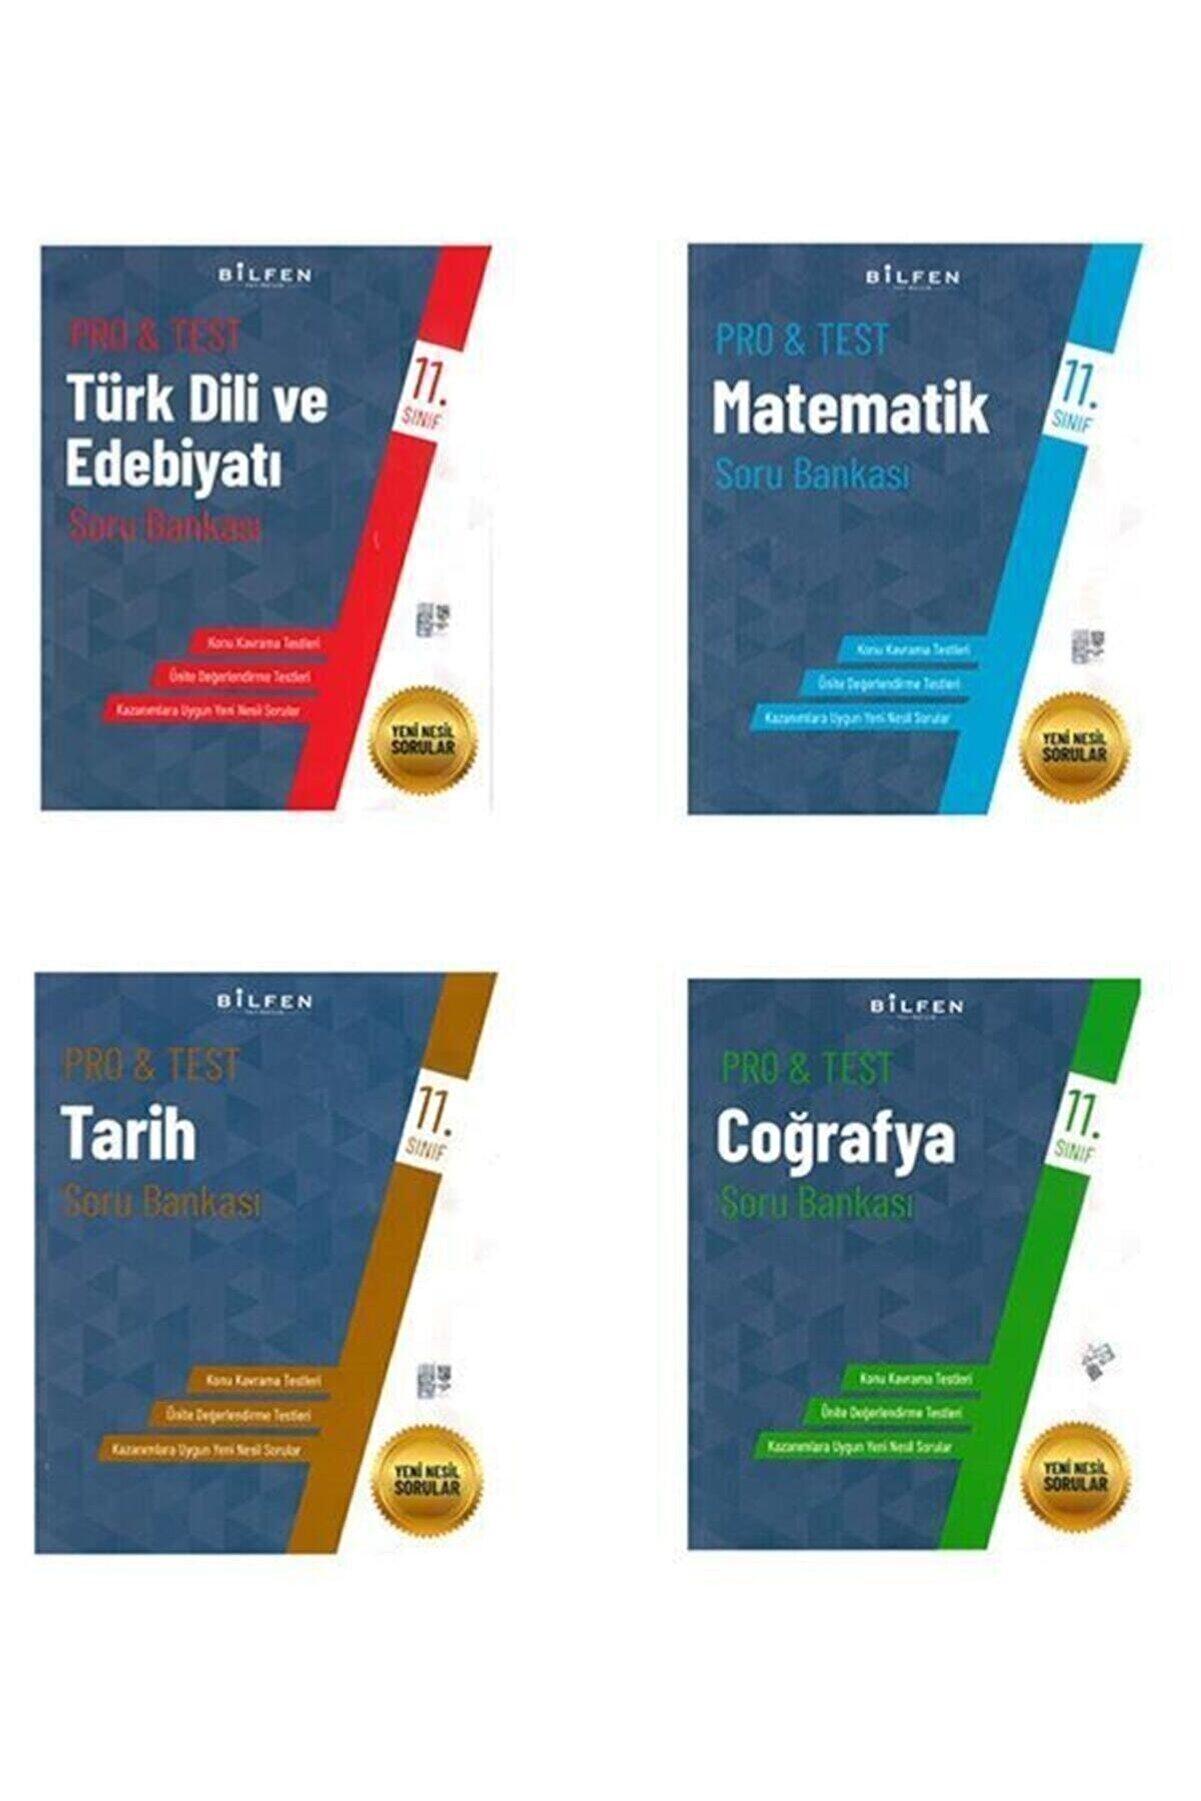 Bilfen Yayınları Bilfen Yayınları 11. Sınıf Pro Test Soru Bankası Eşit Ağırlık Set 2021